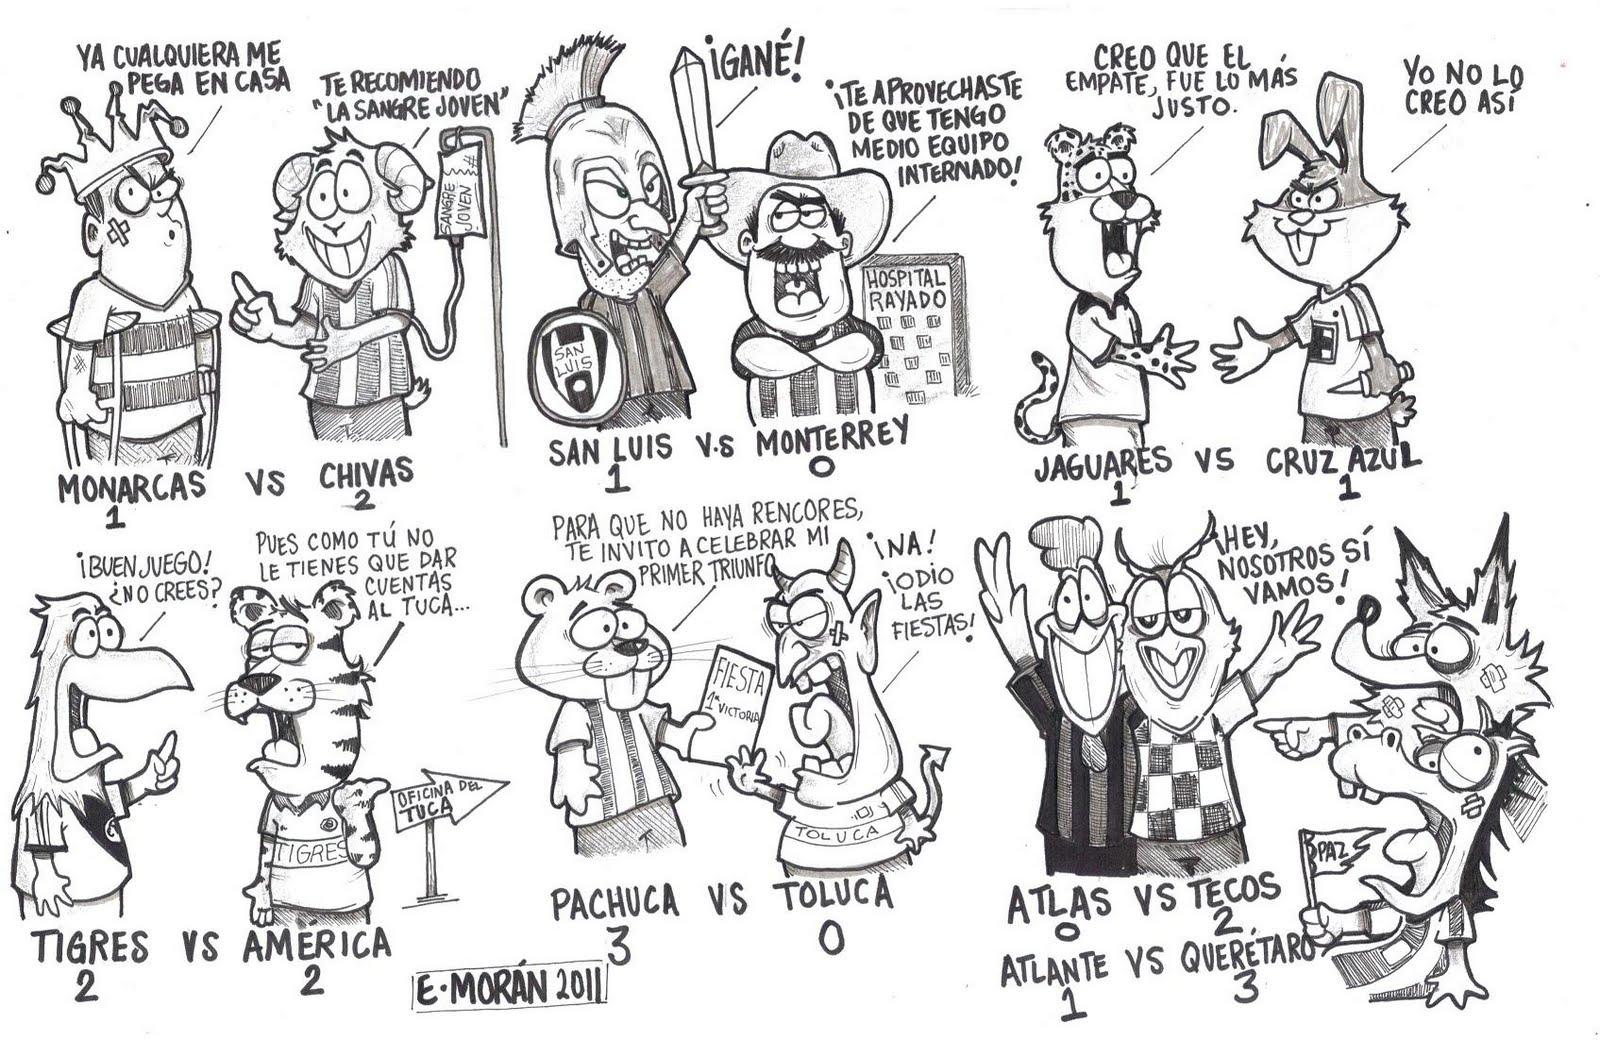 Resultados . Resultados Clausura 2014 Liga Mx Futbol Mexicano. View ...